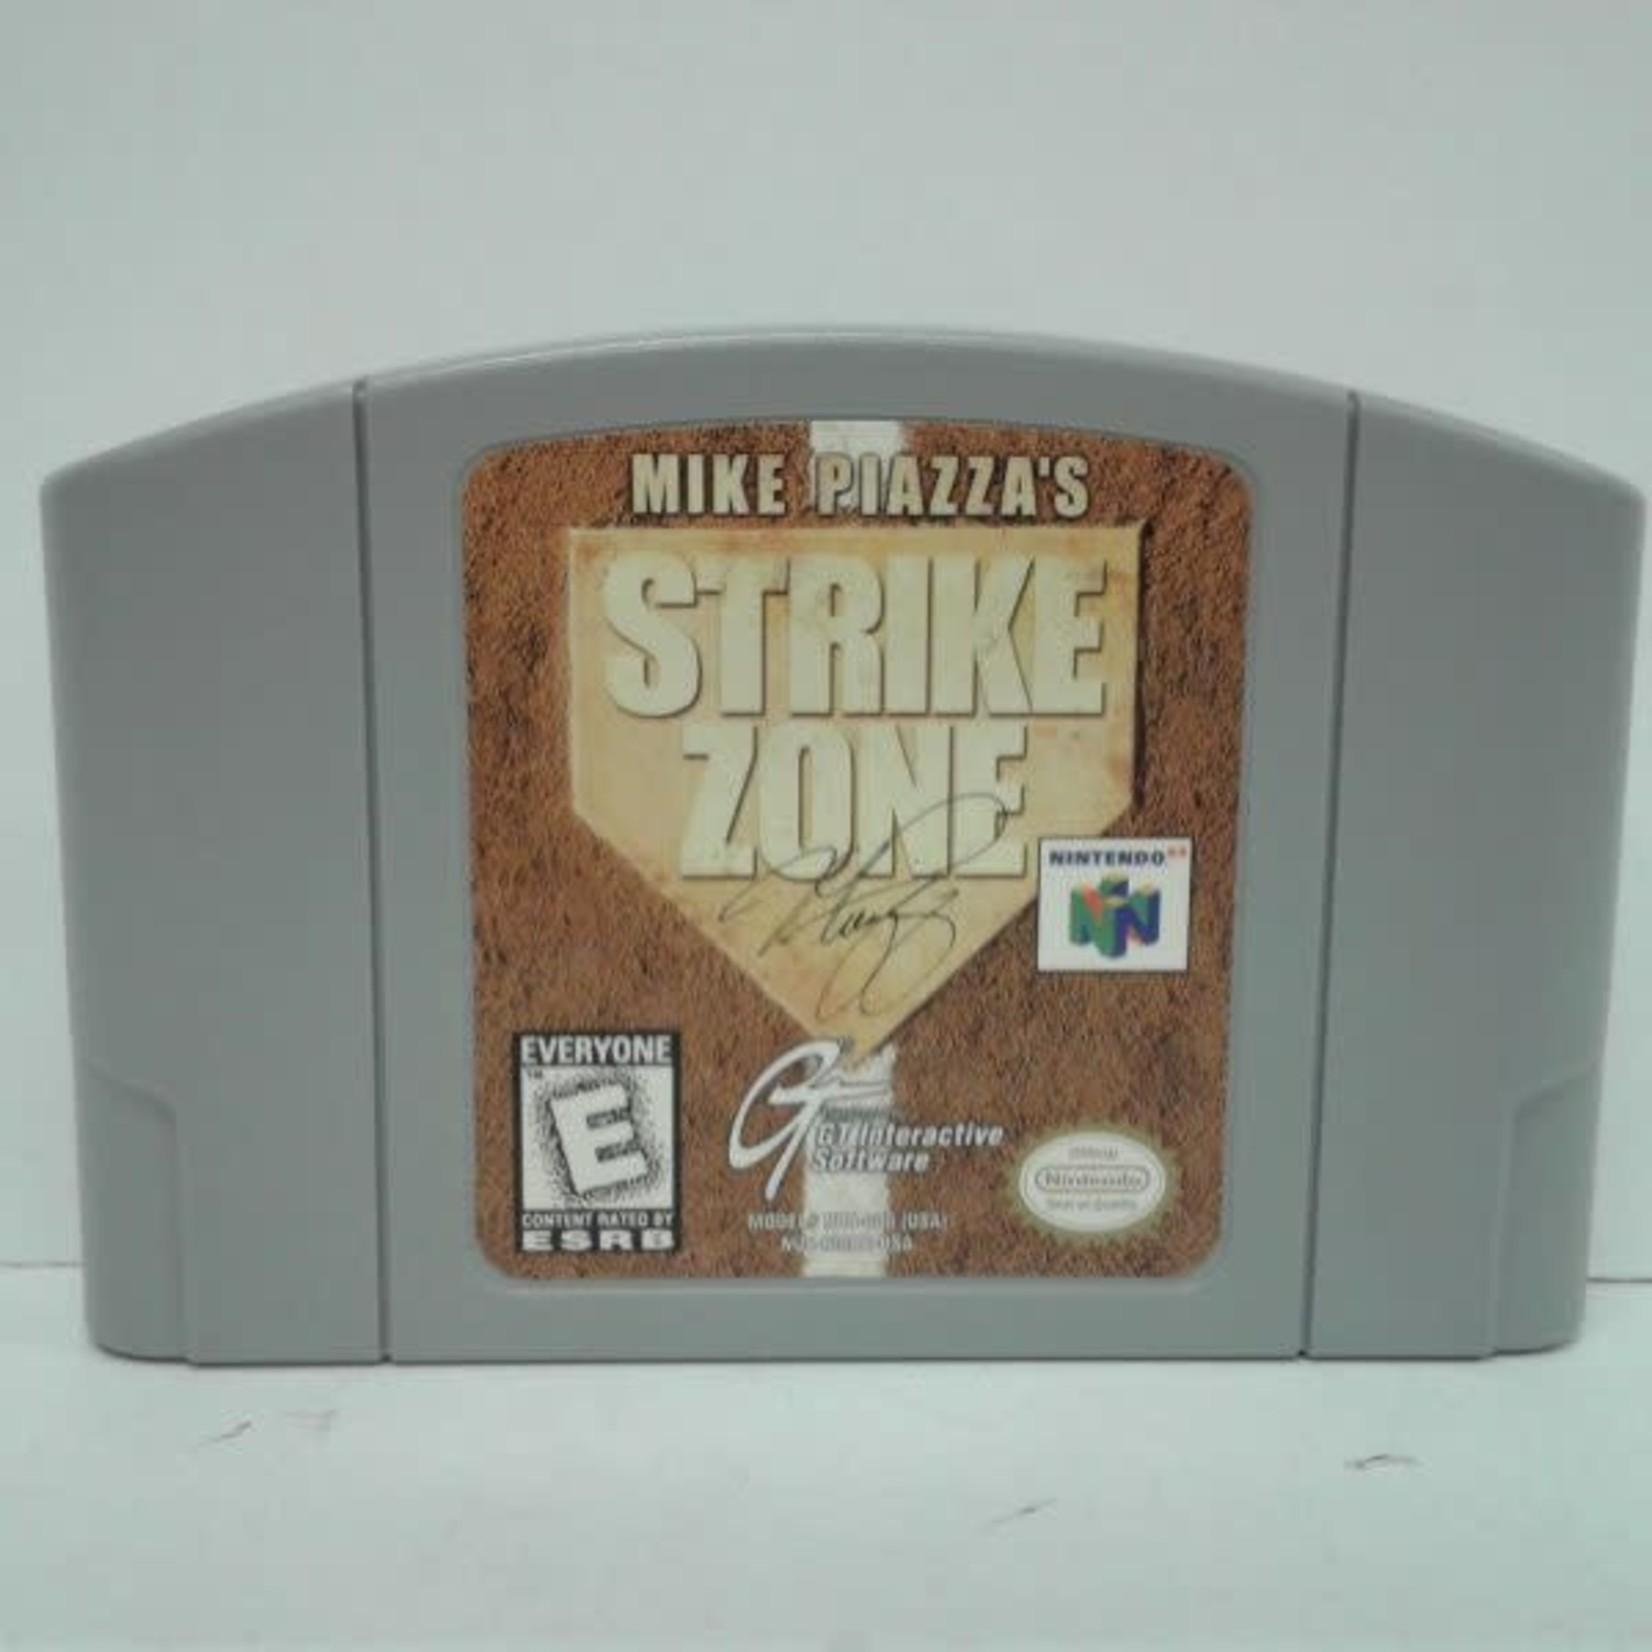 N64U-Mike piazza's strike zone (cartridge)